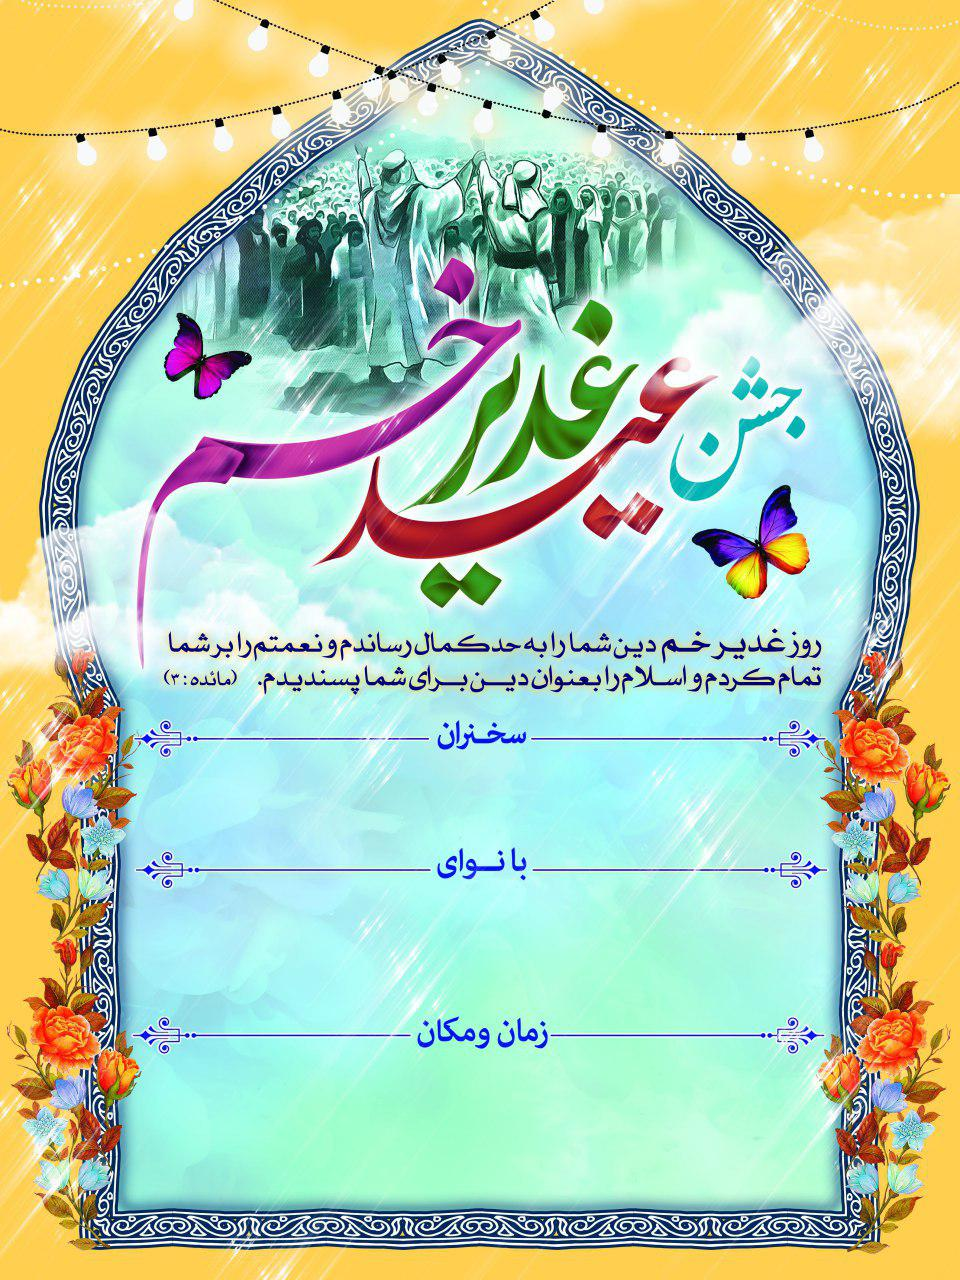 photo 2018 08 30 01 06 48 - تراکت خام عید غدیر